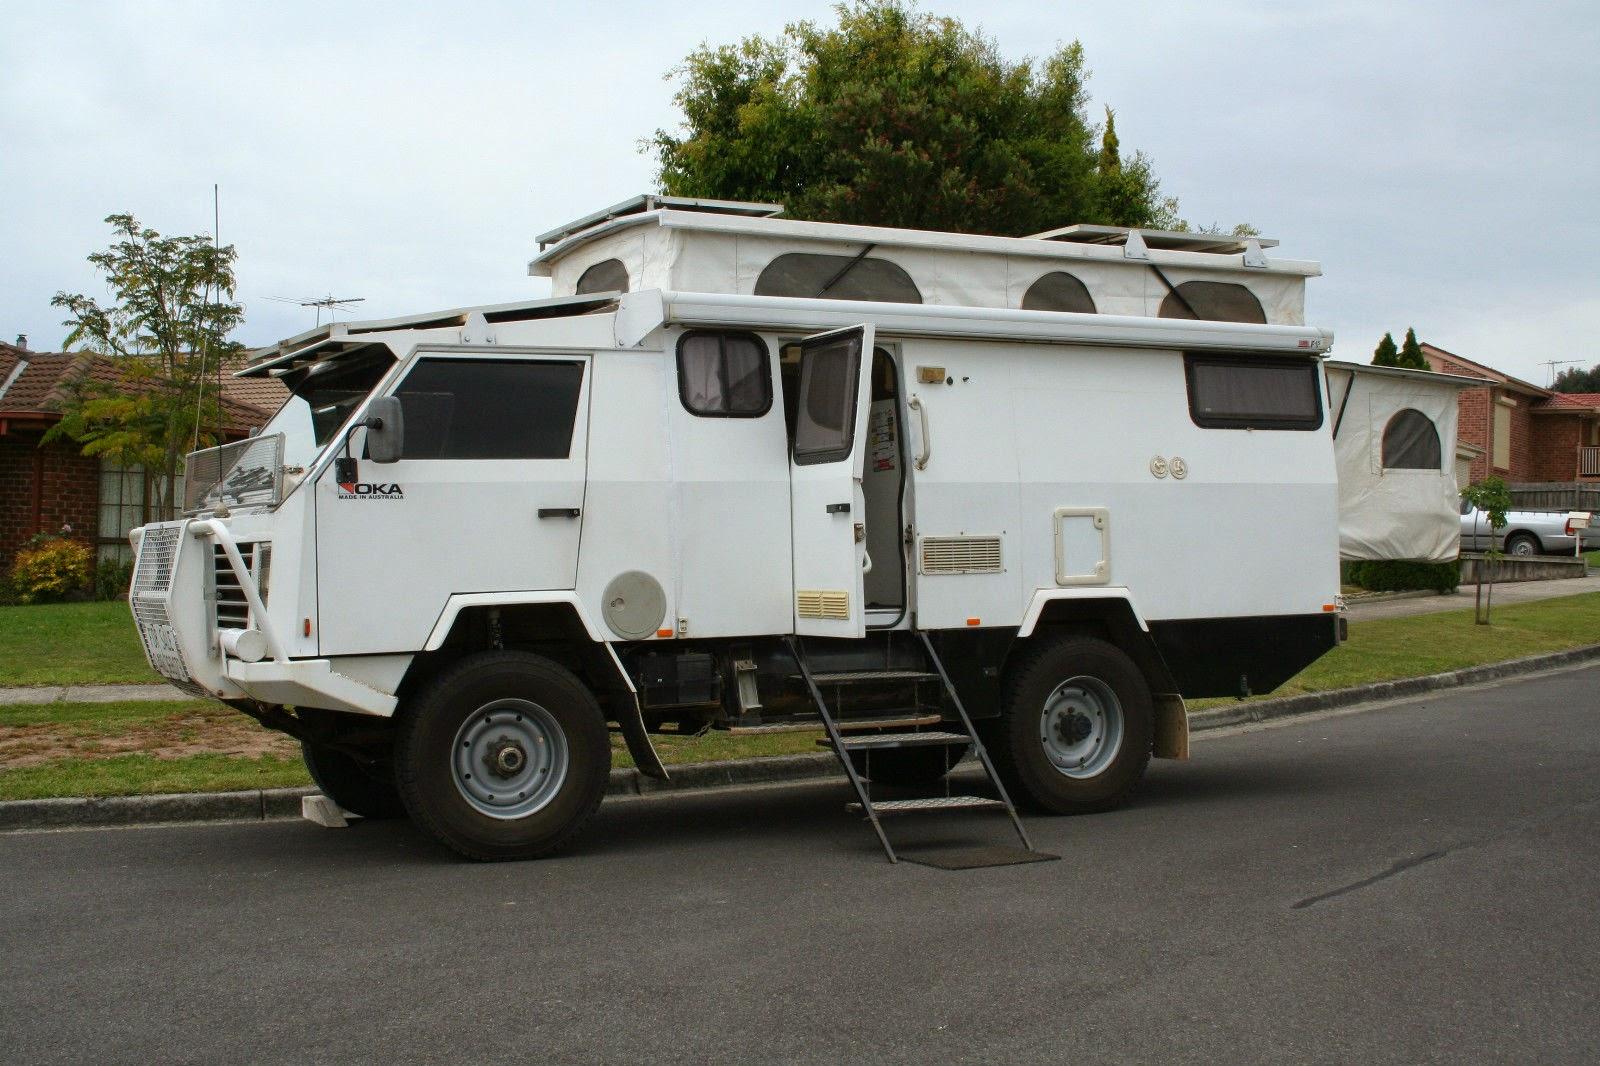 b62ba157851742 New Camper Van Off Road Fiat Professional Ducato 4x4 Expedition Camper Van